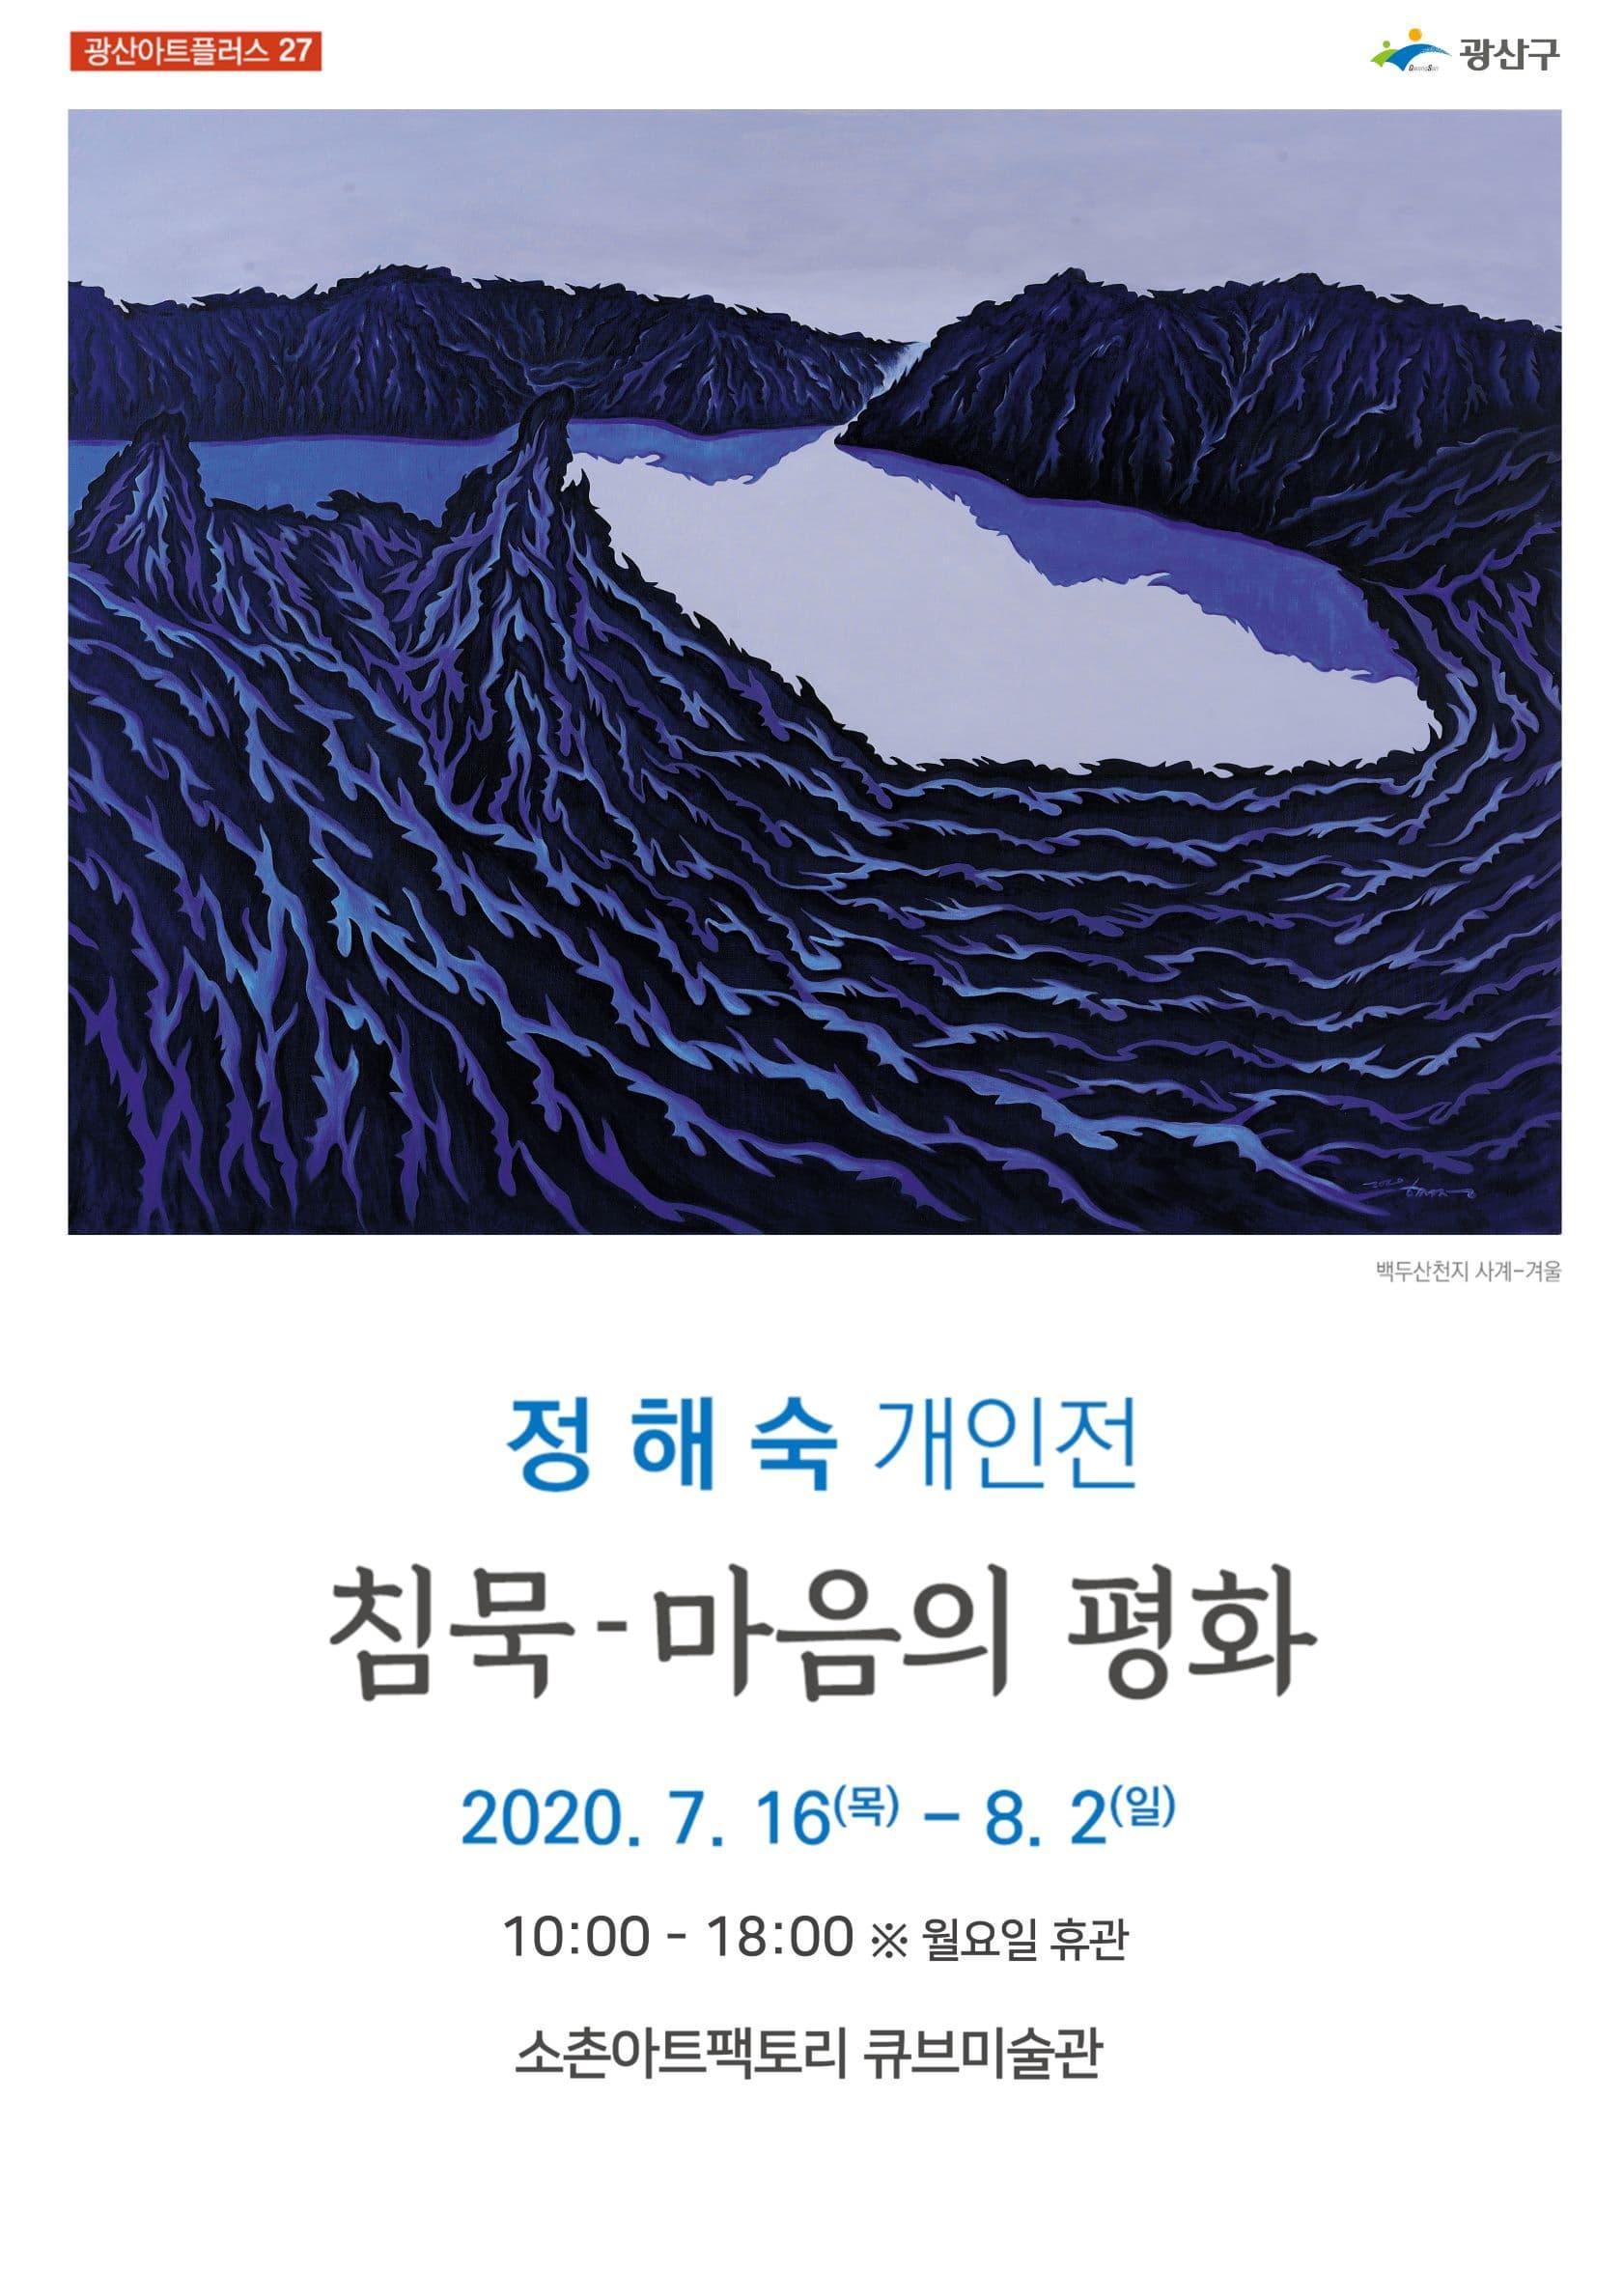 [광산아트플러스 27] 정해숙 개인전 『침묵-마음의 평화』